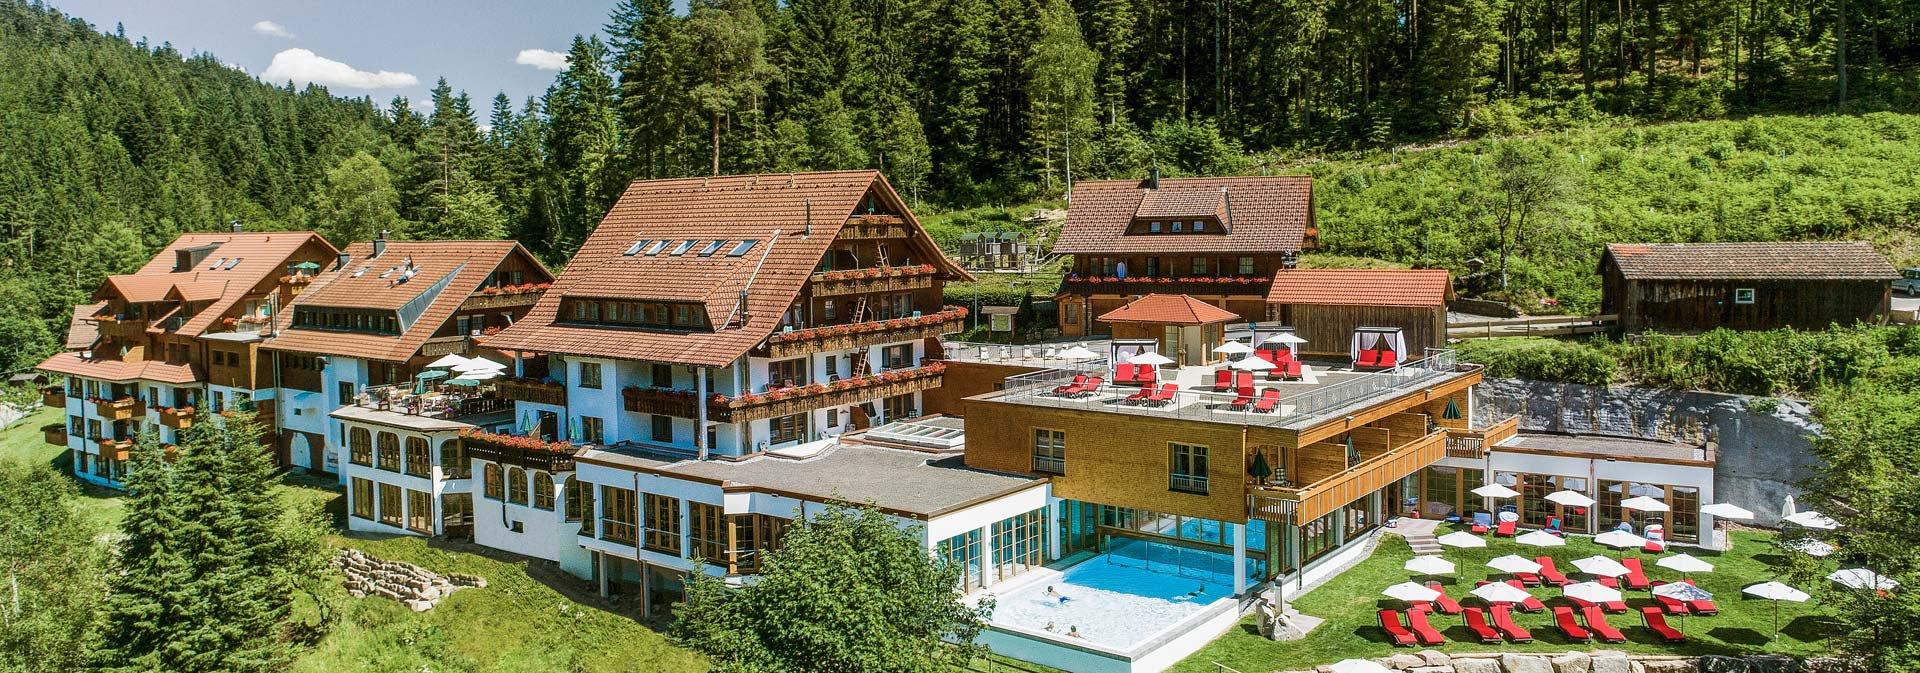 Ihr 4 wellnesshotel in baiersbronn forsthaus auerhahn for Hotel avec piscine foret noire